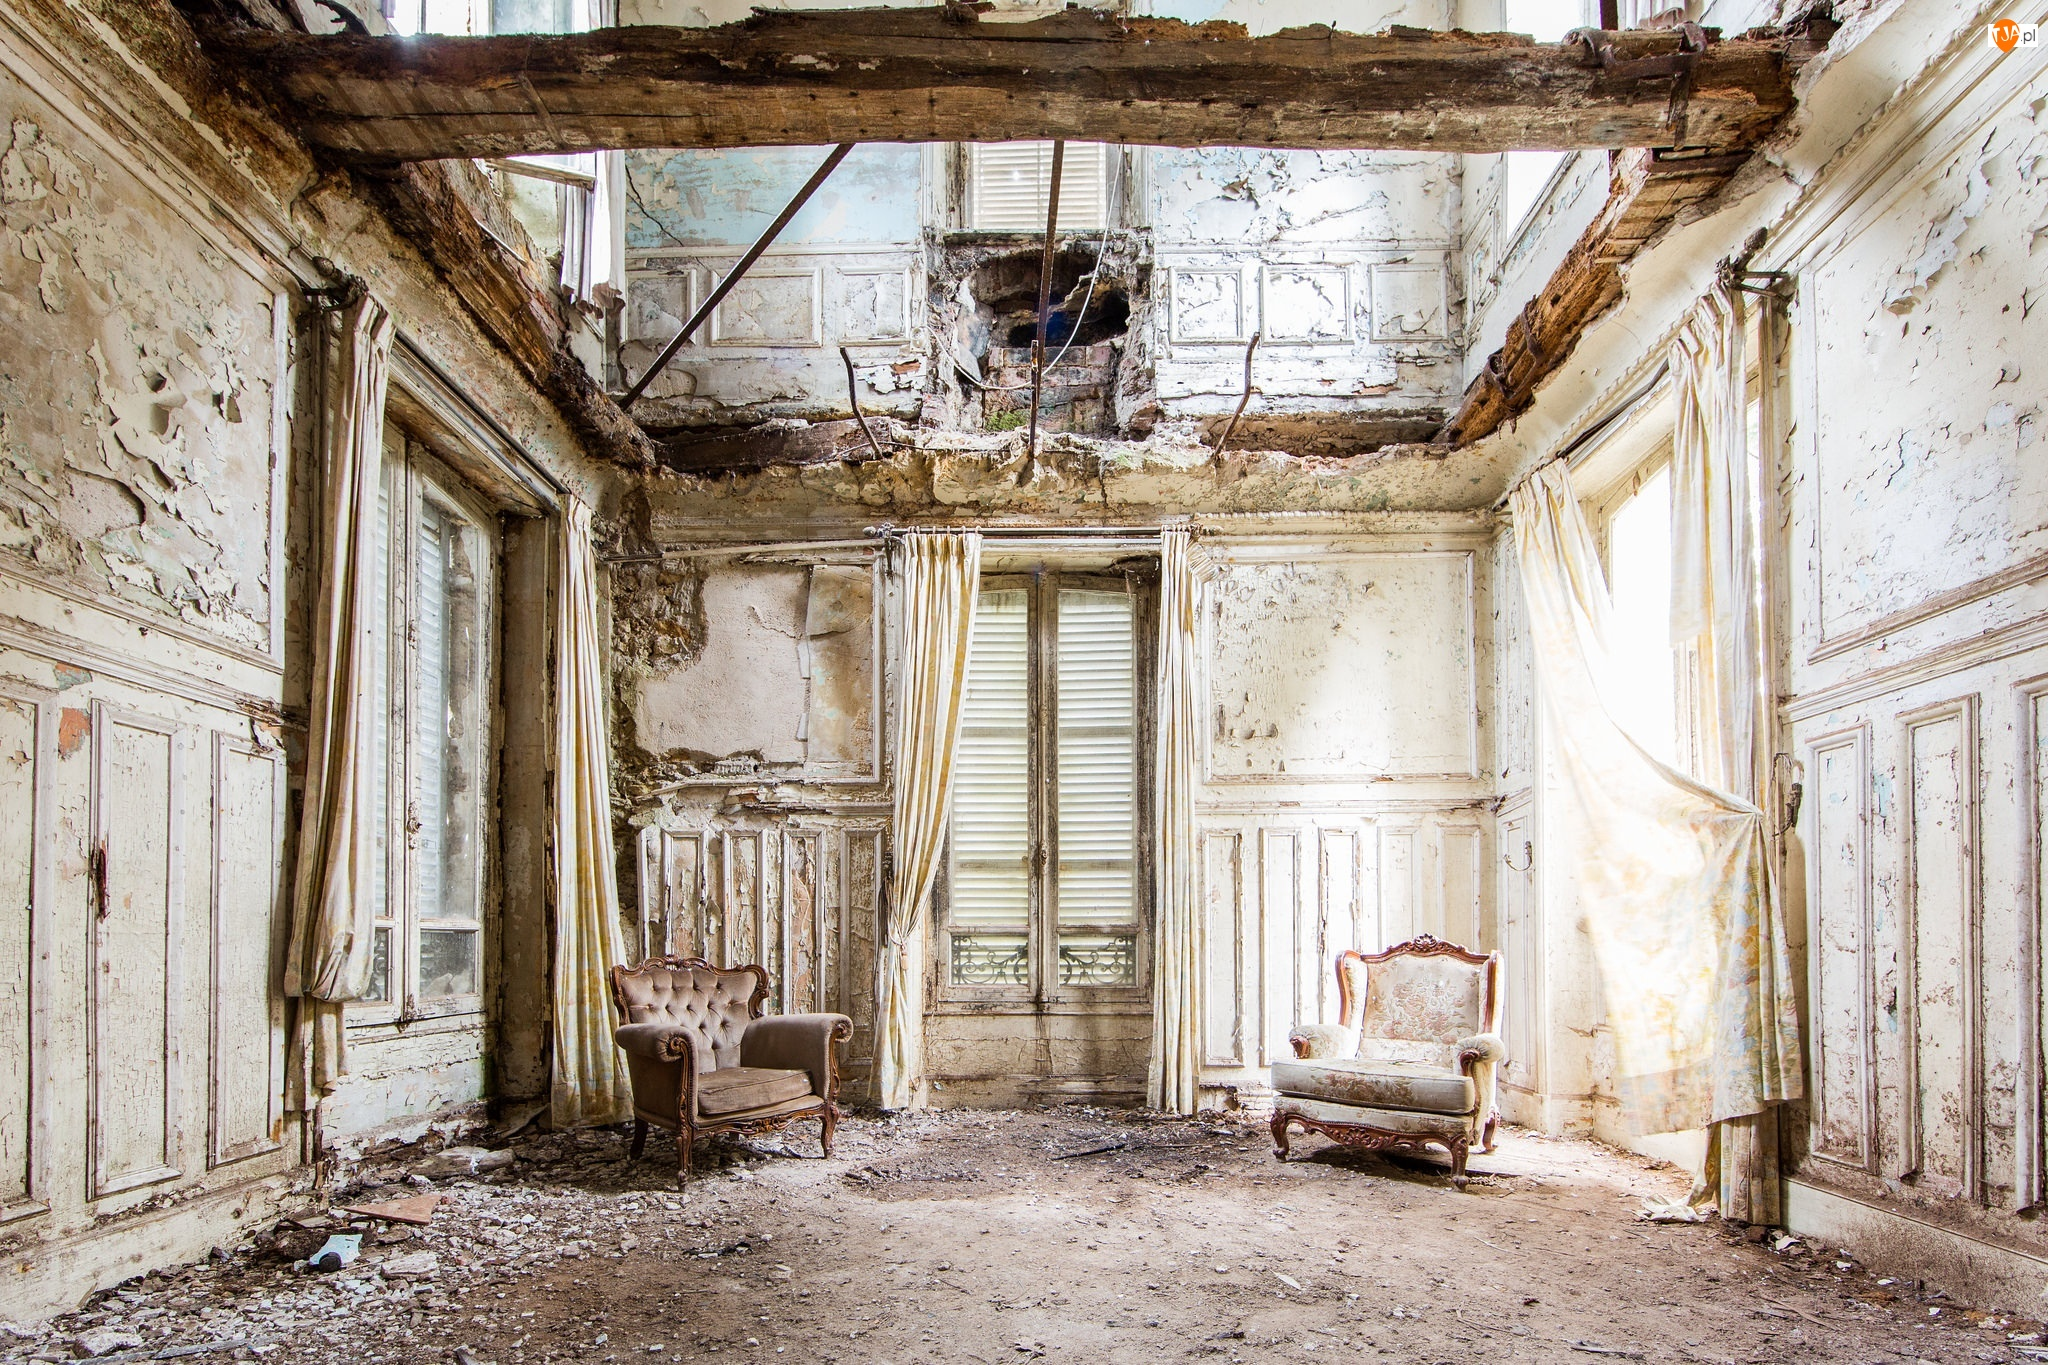 Ruina, Fotele